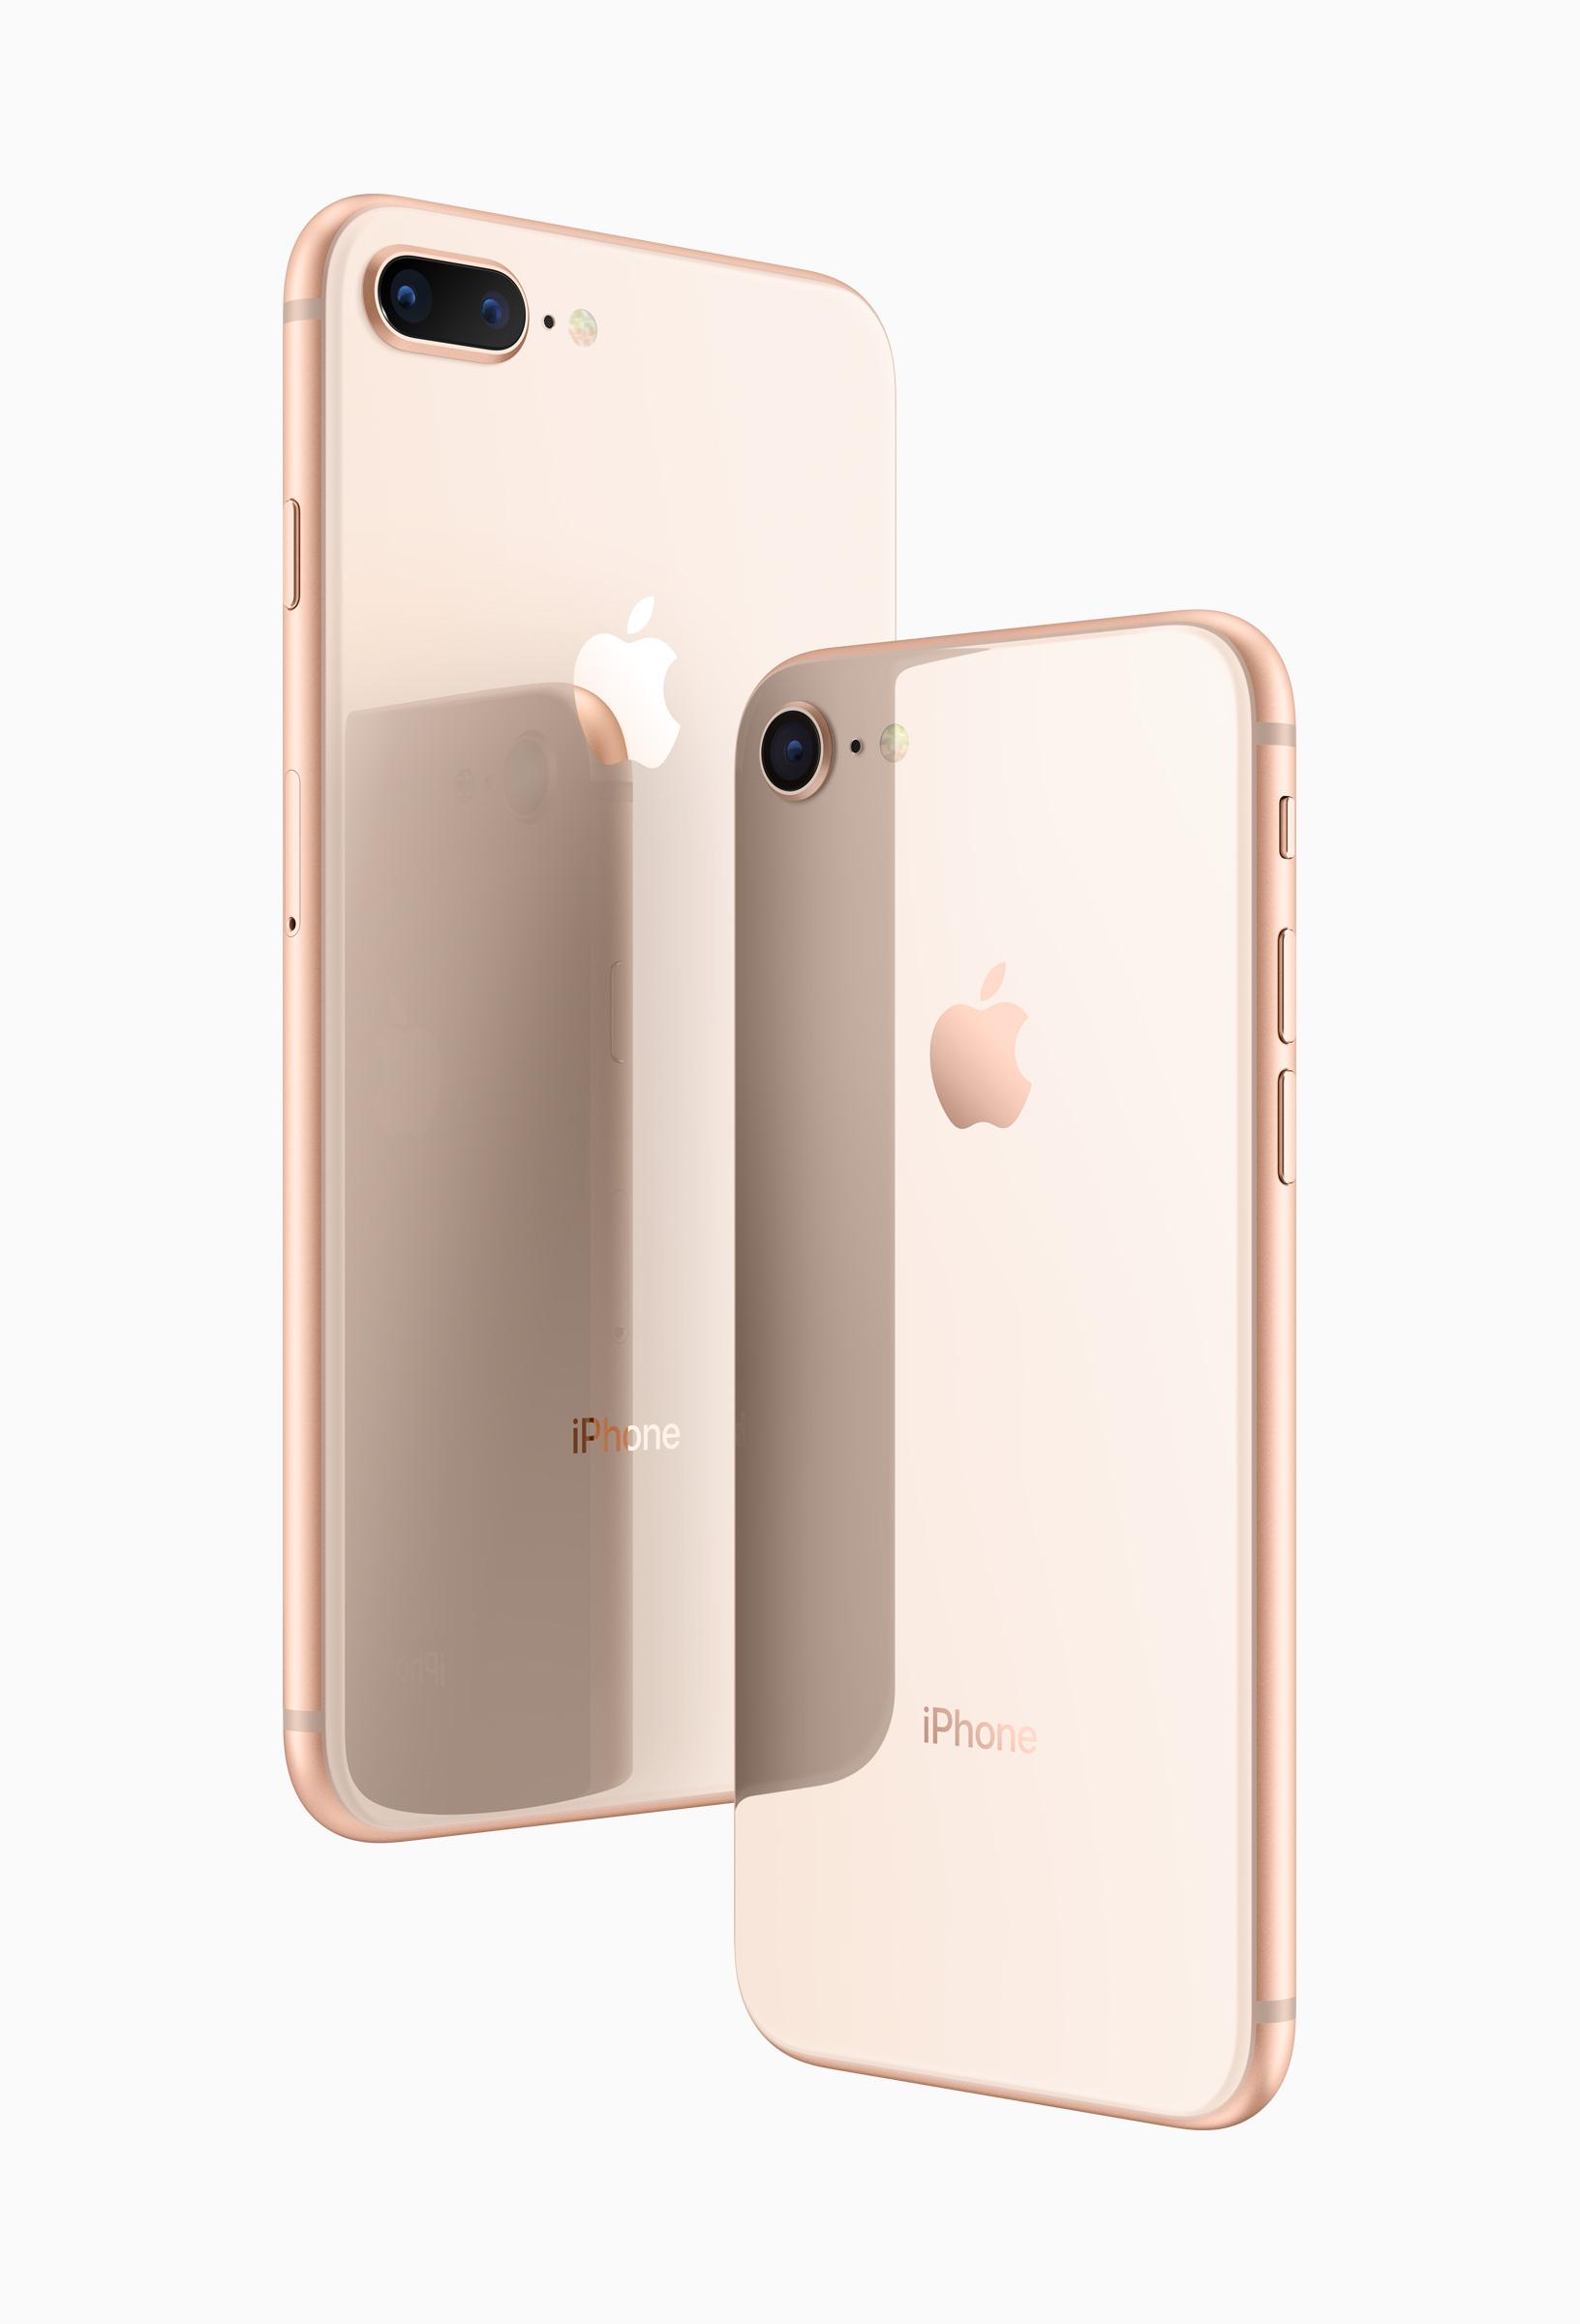 iPhone 8/iPhone 8 Plus